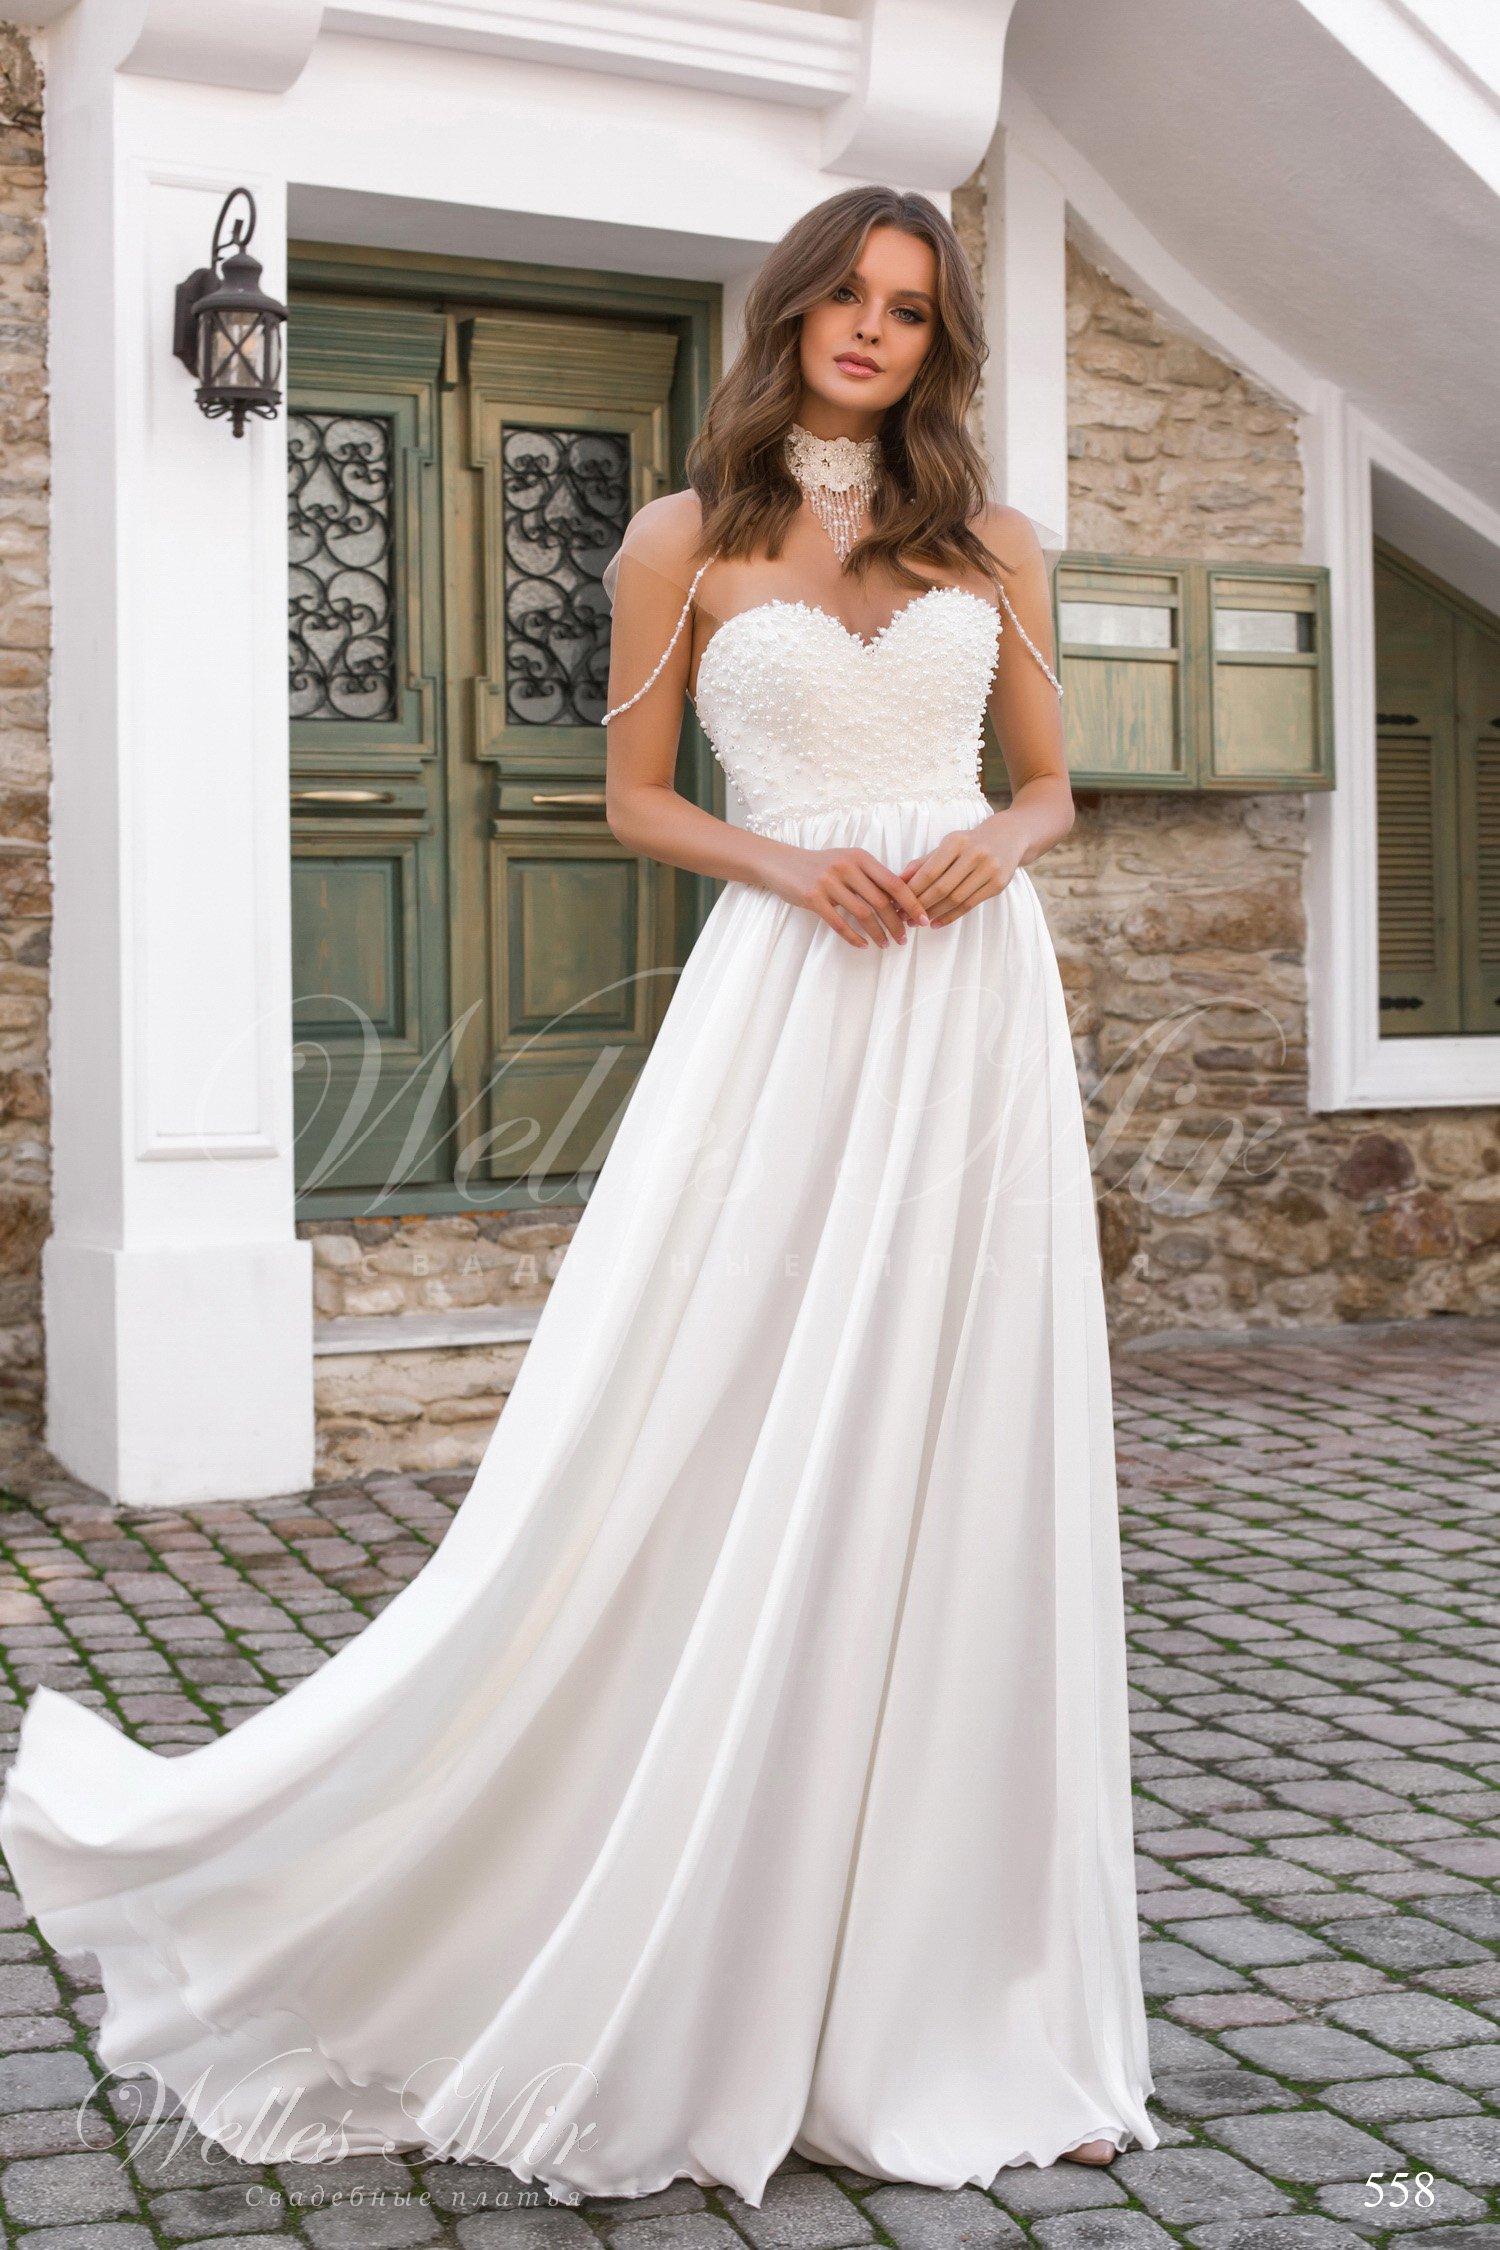 Свадебные платья Limenas Collection - 558